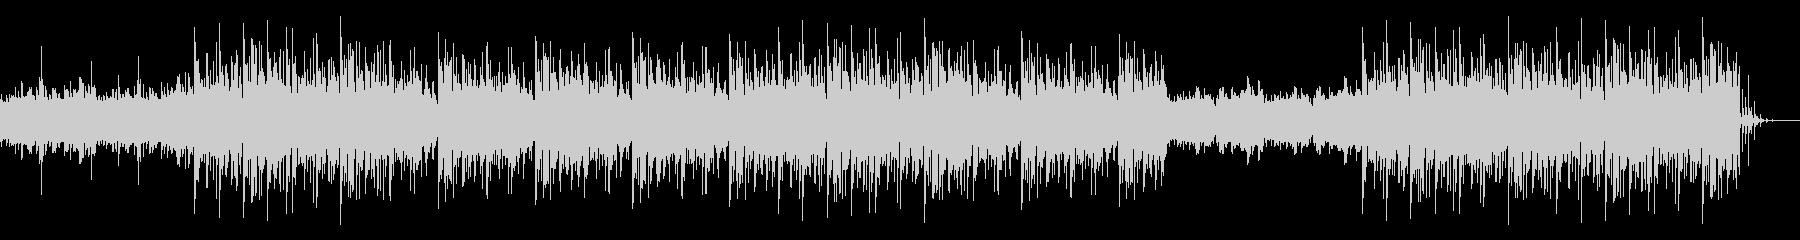 和太鼓のリズムとピアノループをベースに…の未再生の波形